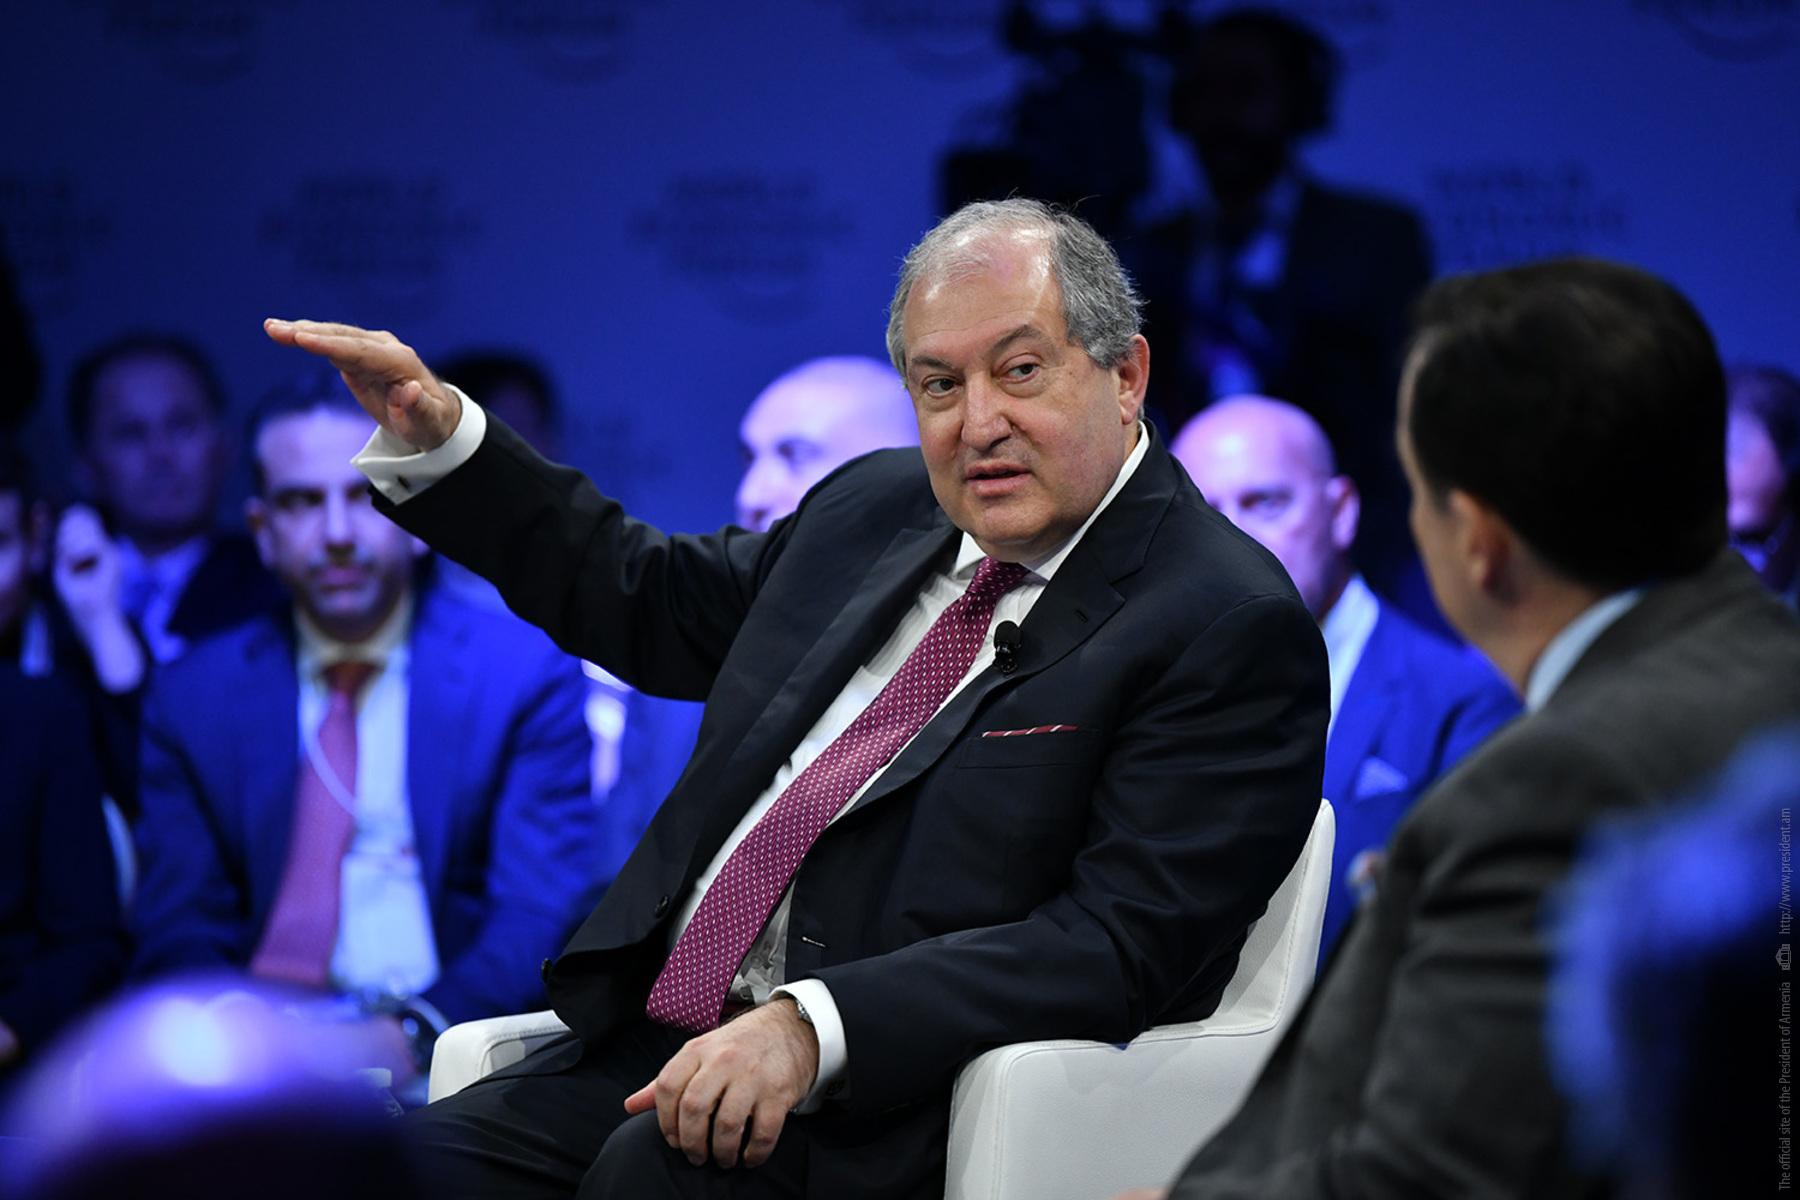 Նախագահ Արմեն Սարգսյանը Համաշխարհային տնտեսական համաժողովում խոսել է Հայաստանի էներգետիկ ռեսուրսների մասին